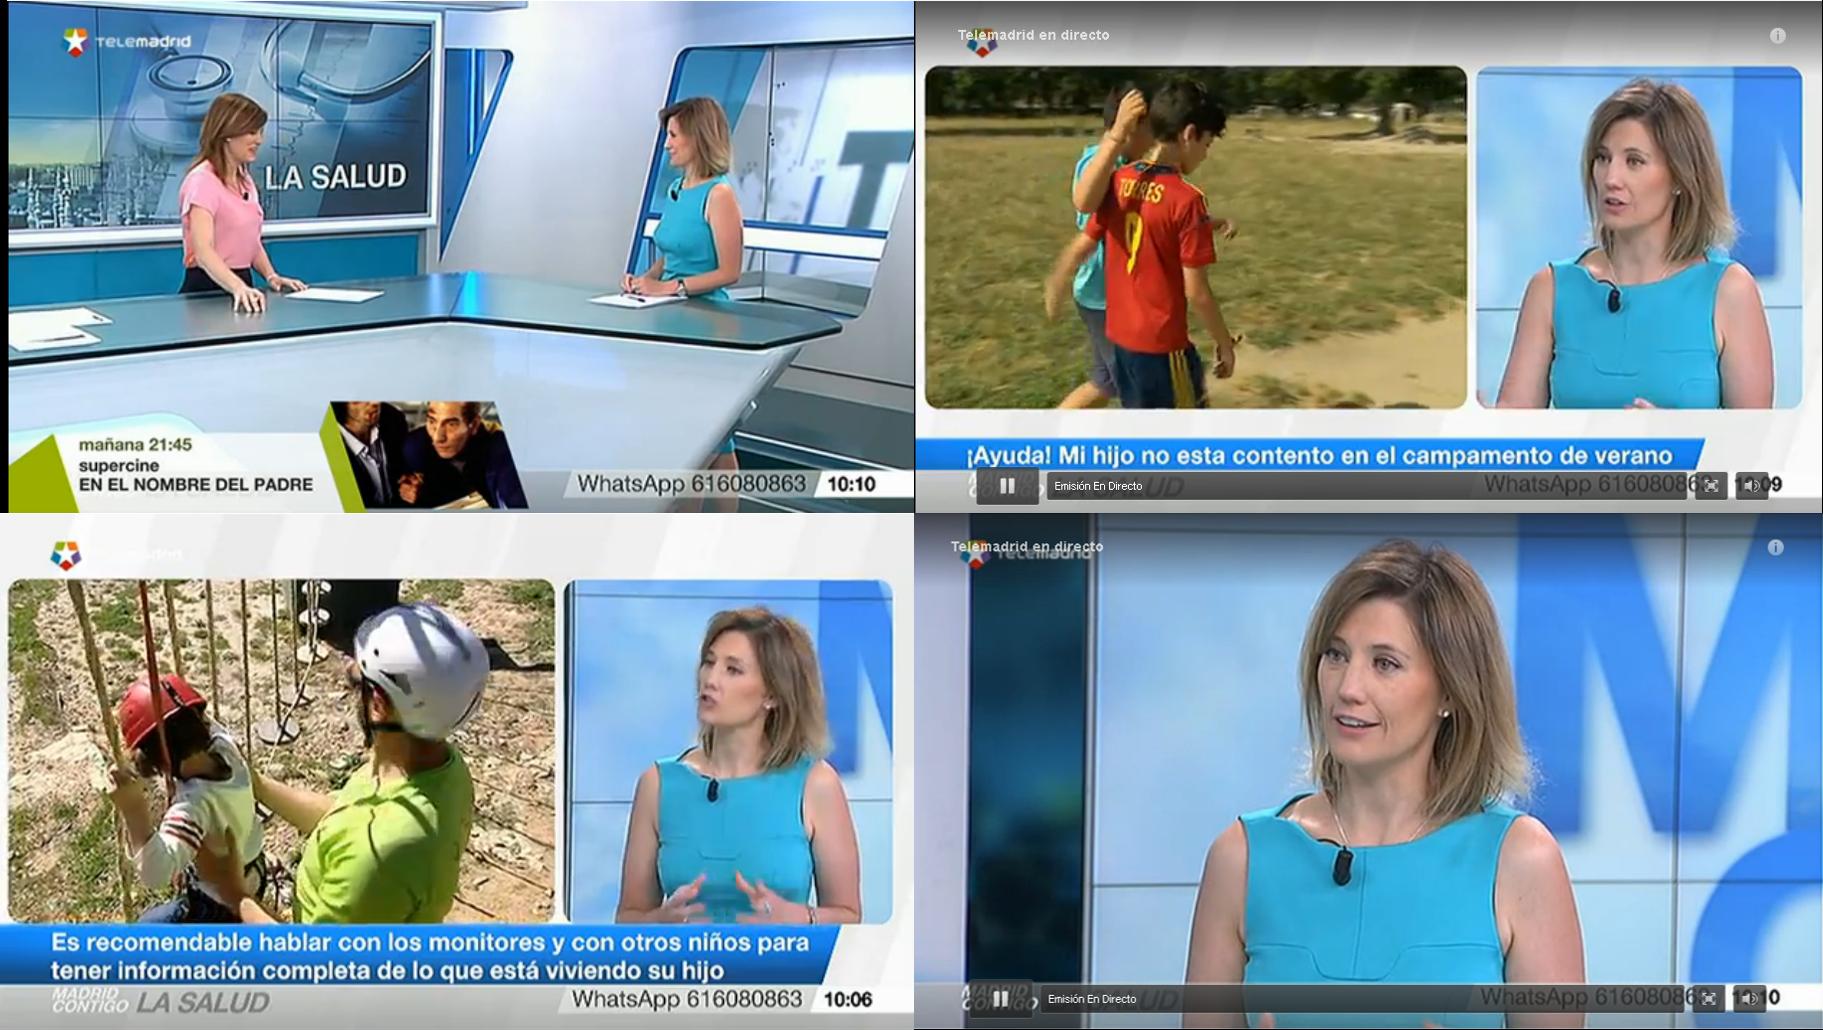 Silvia Álava - TeleMadrid - Madrid ContigCampamentos de verano